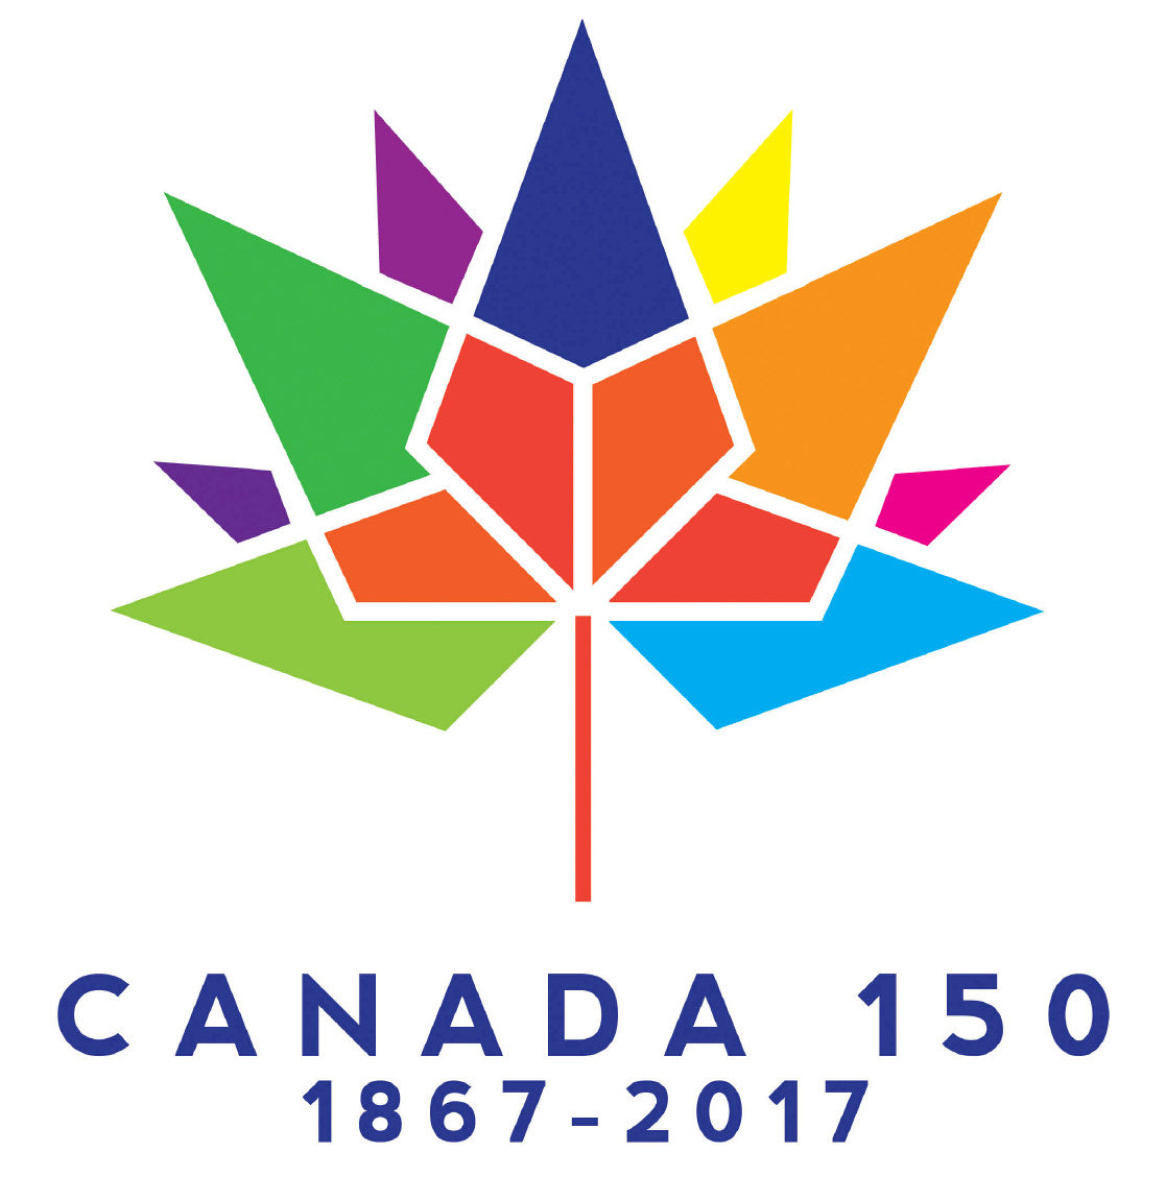 Canada Day 150 Celebrations in Lethbridge